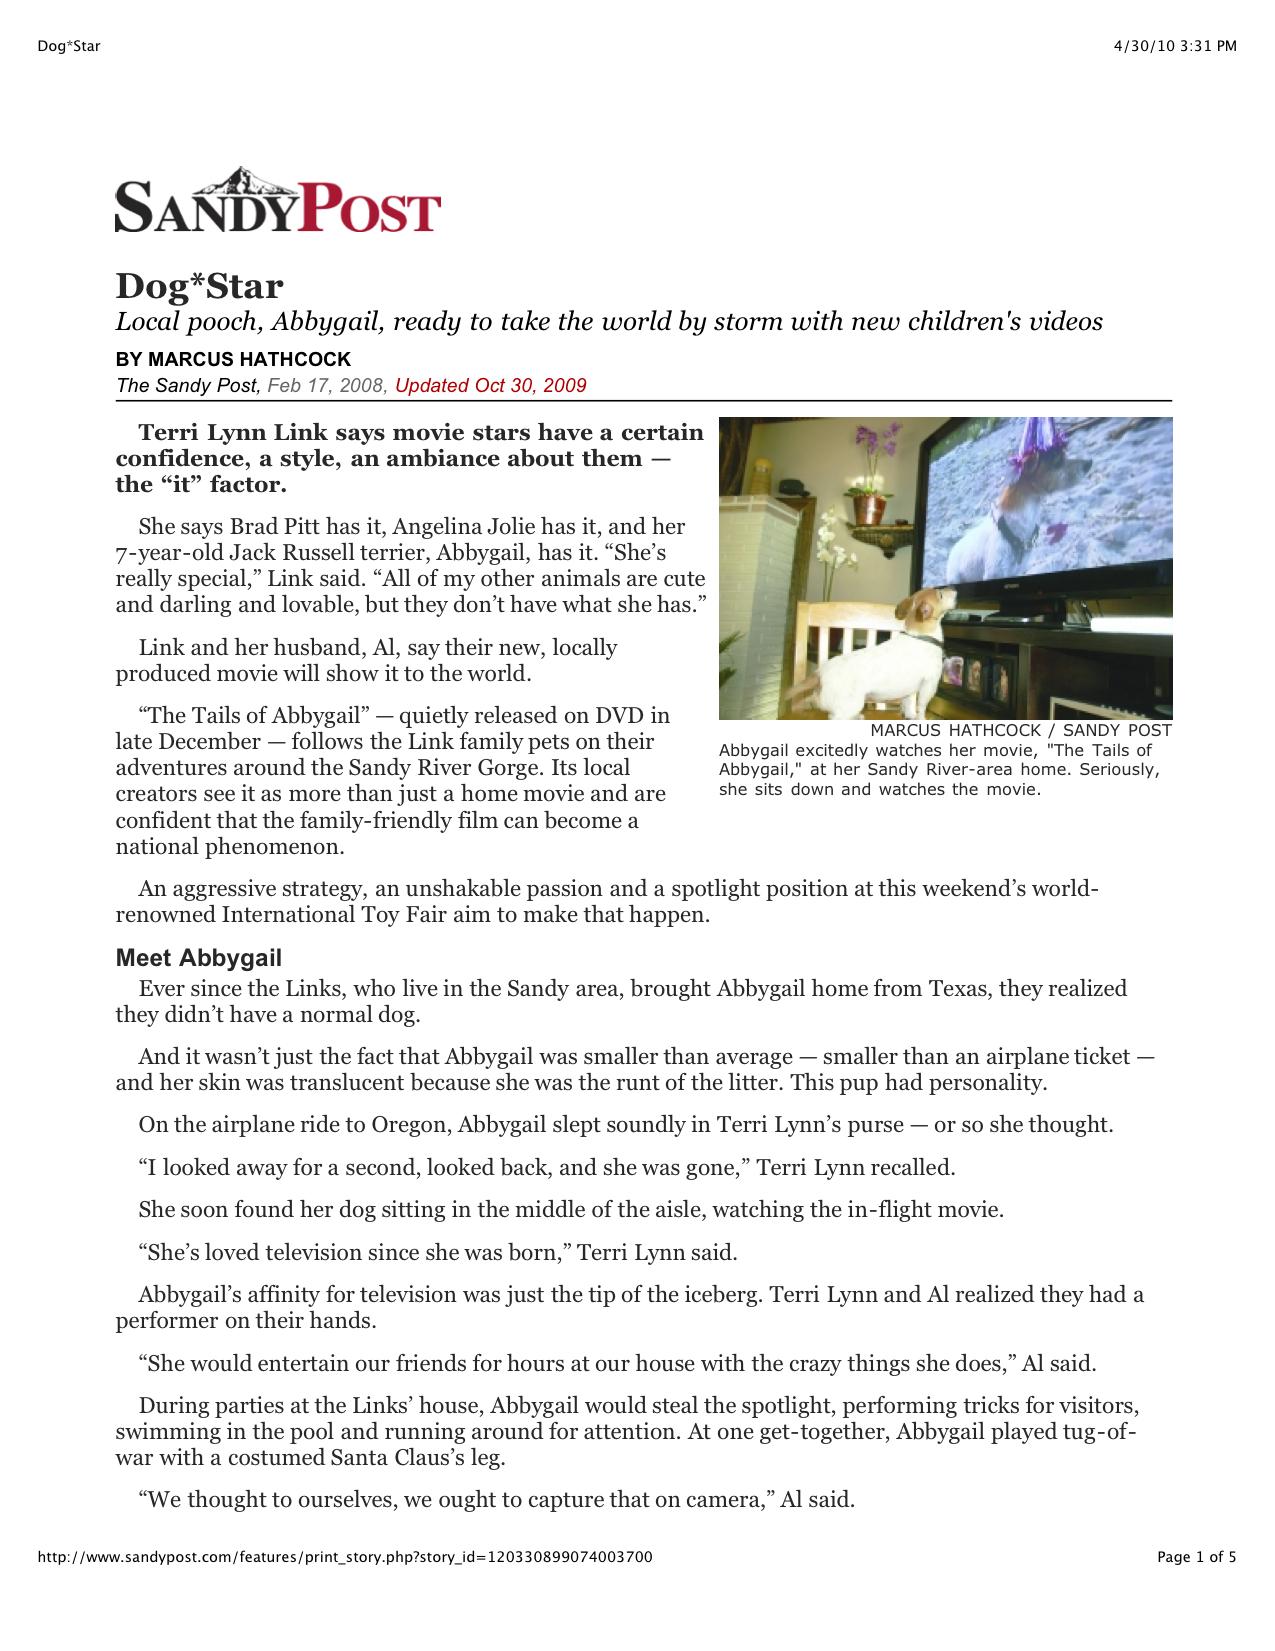 Dog*Star  Sandy Post TOA